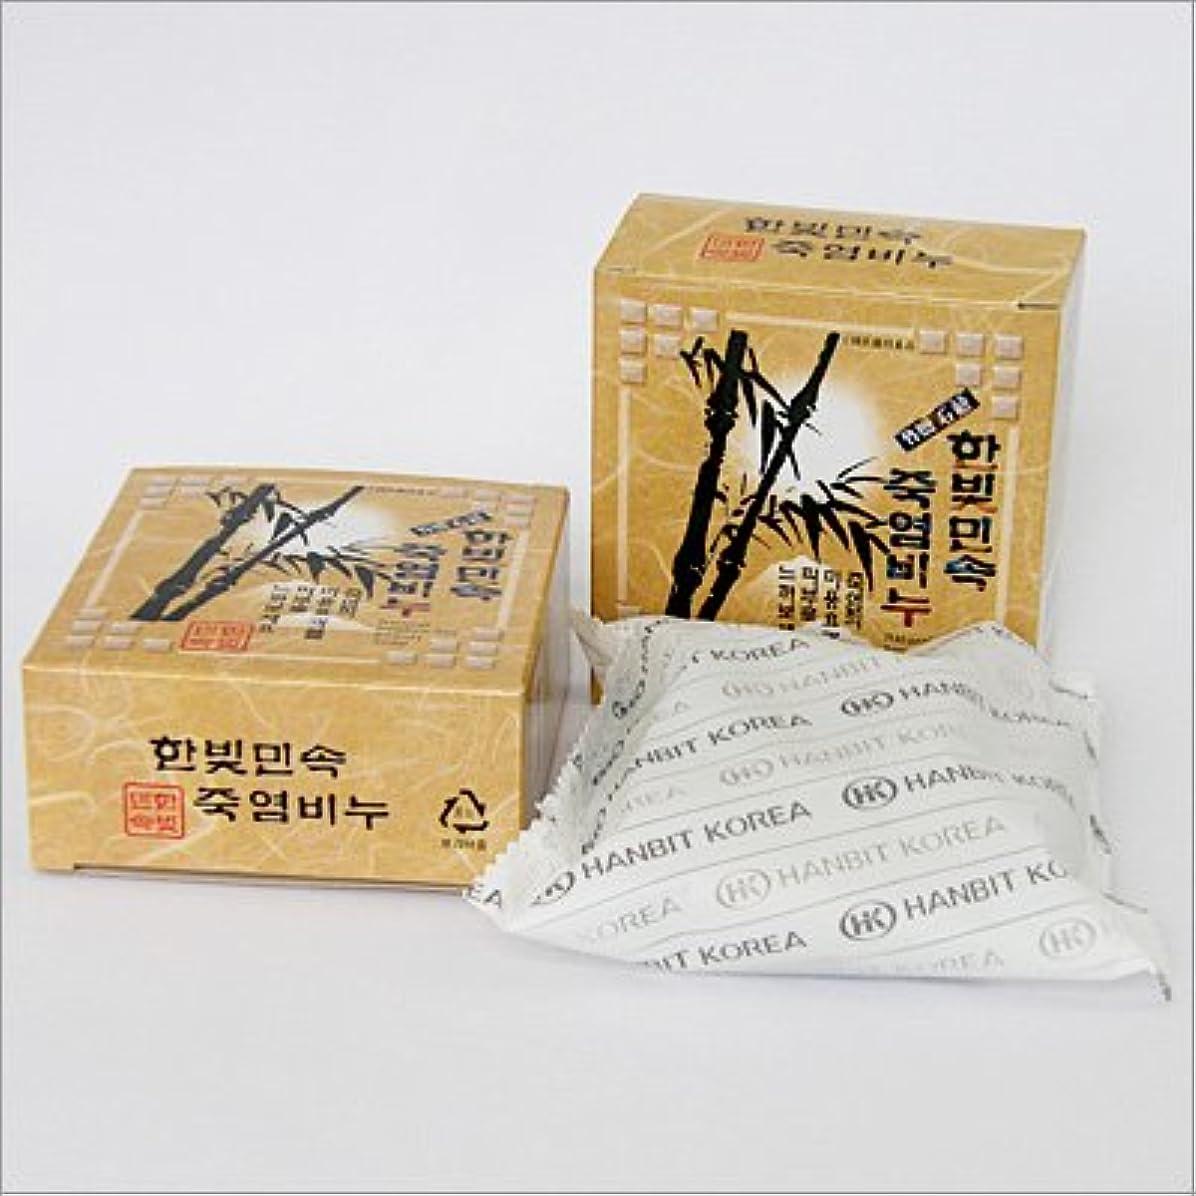 ハシーマットレス代表する(韓国ブランド) 韓国直輸入』竹塩石鹸(3個×5セット)